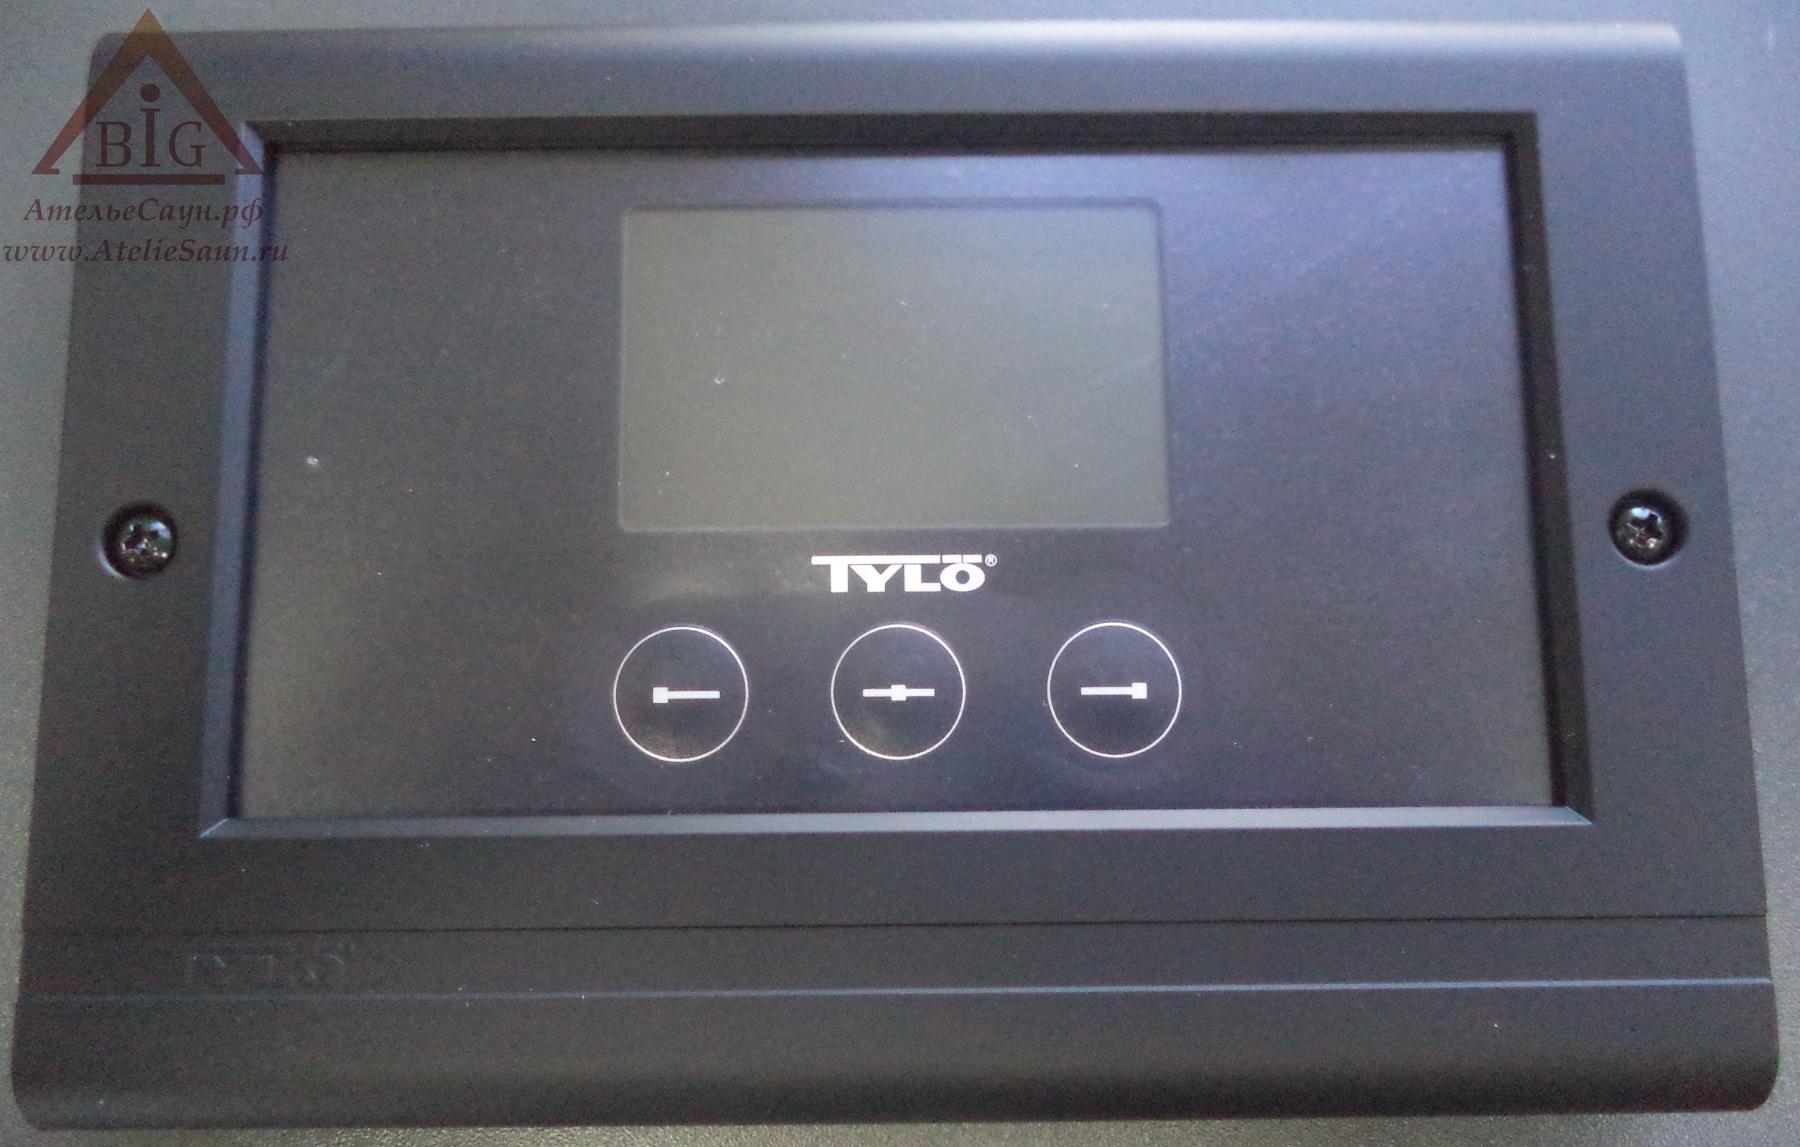 Пульт Tylo CC 300 (для печи или парогенератора, арт. 71115150)